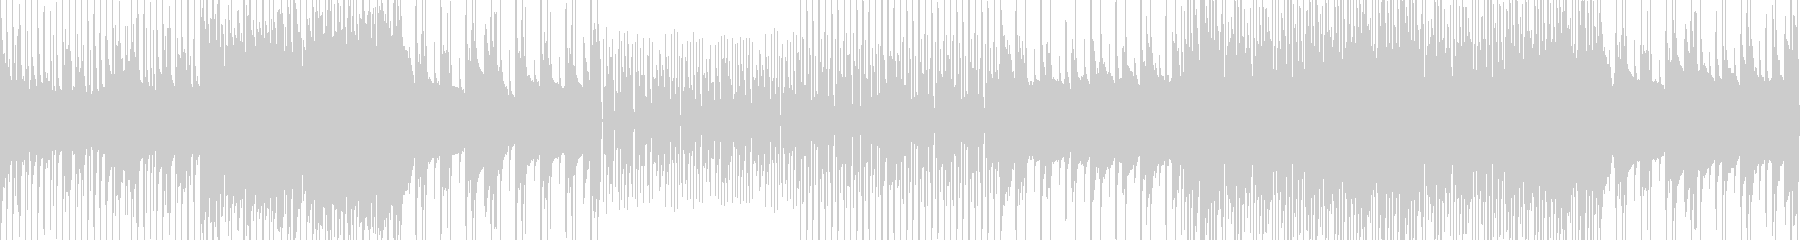 スラップベースでノリのいいループBGMの未再生の波形